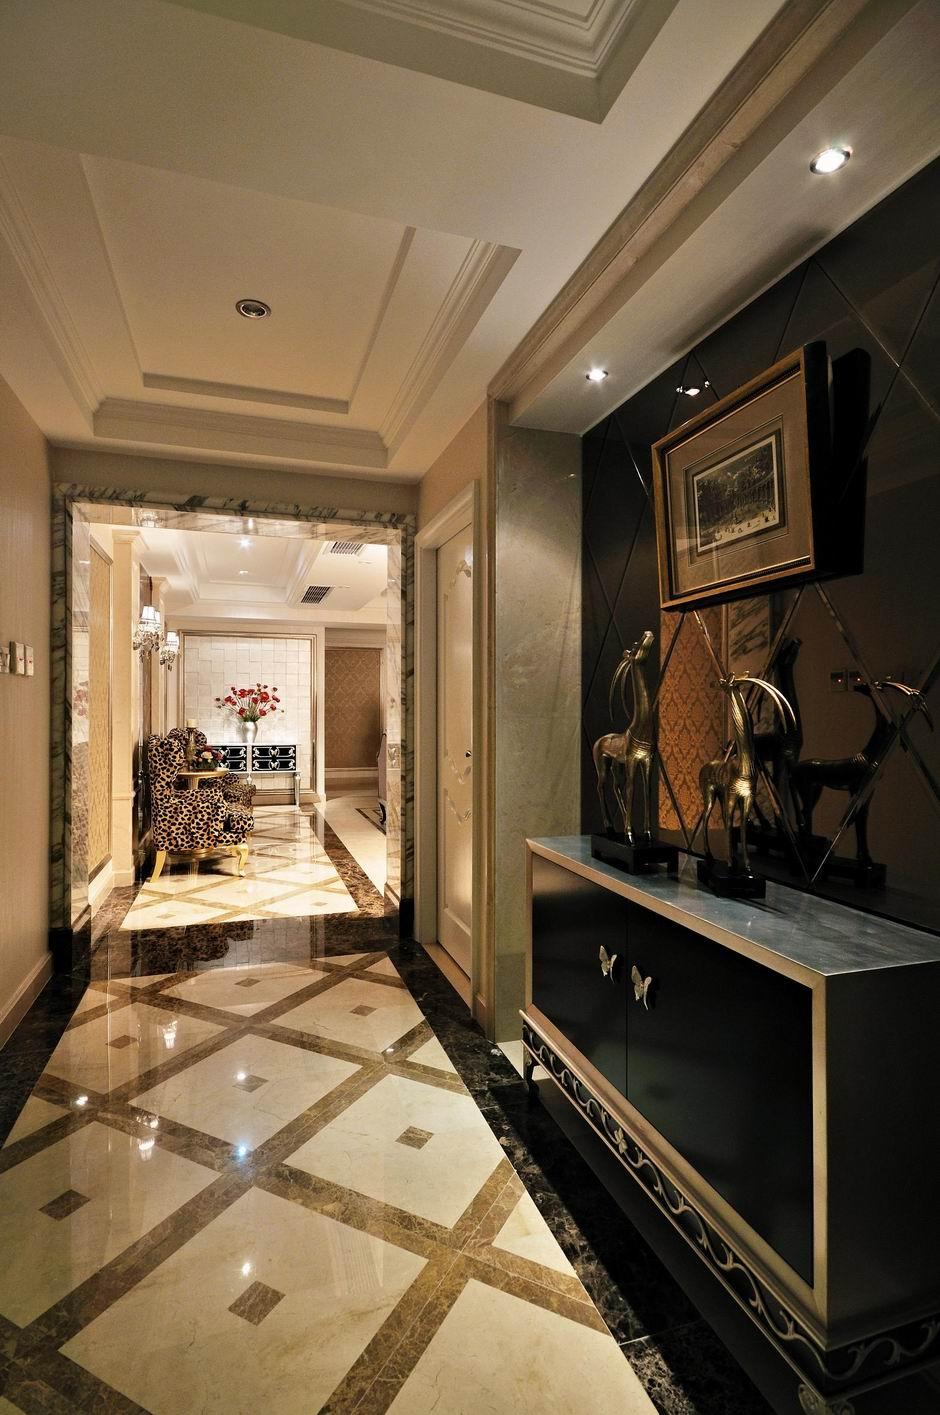 比如很多的石膏线条,石材包墙,欧式家具等.